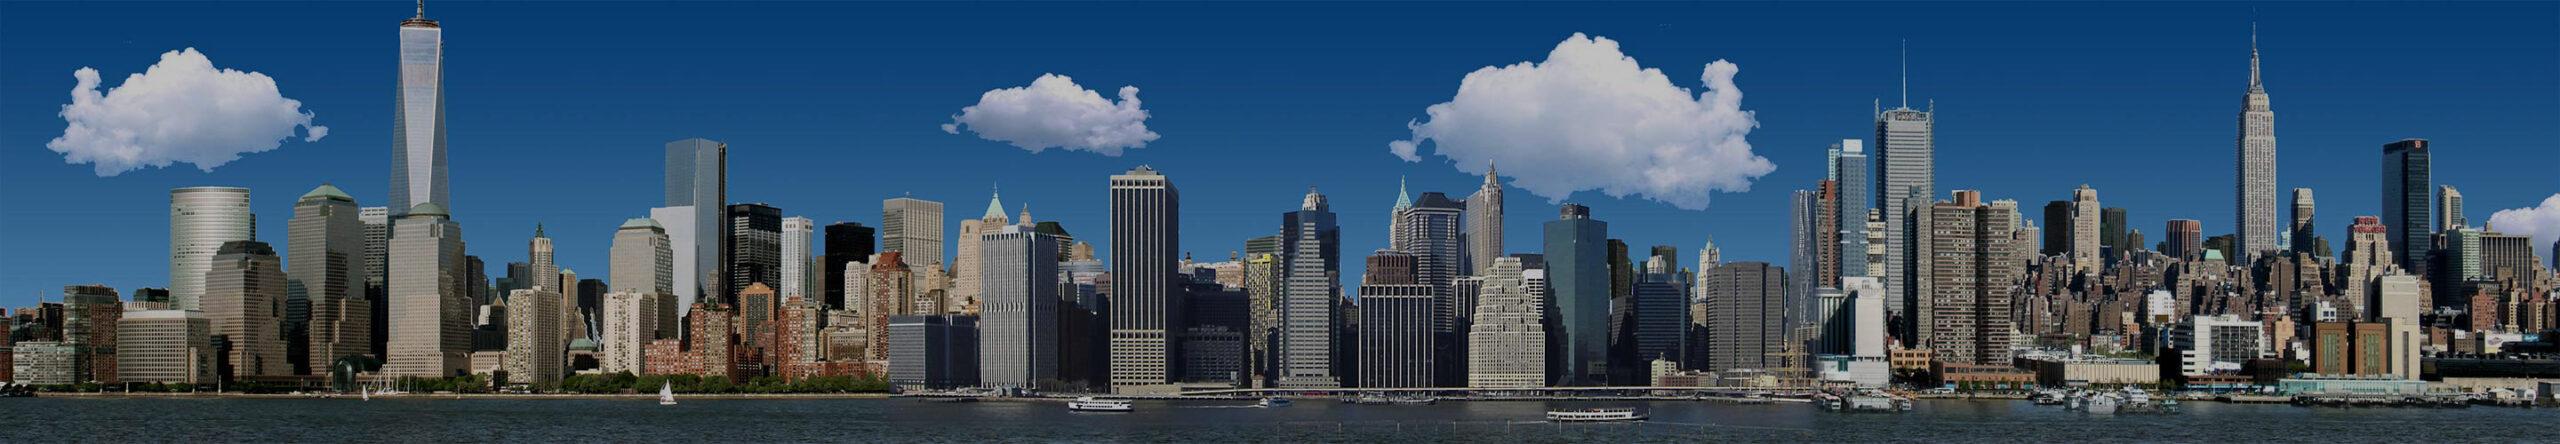 Bastelvorlage New York City - Panorama NYC - Architektur New York - Hochhaus basteln - Wolkenkratzer basteln - Skyline New York, USA